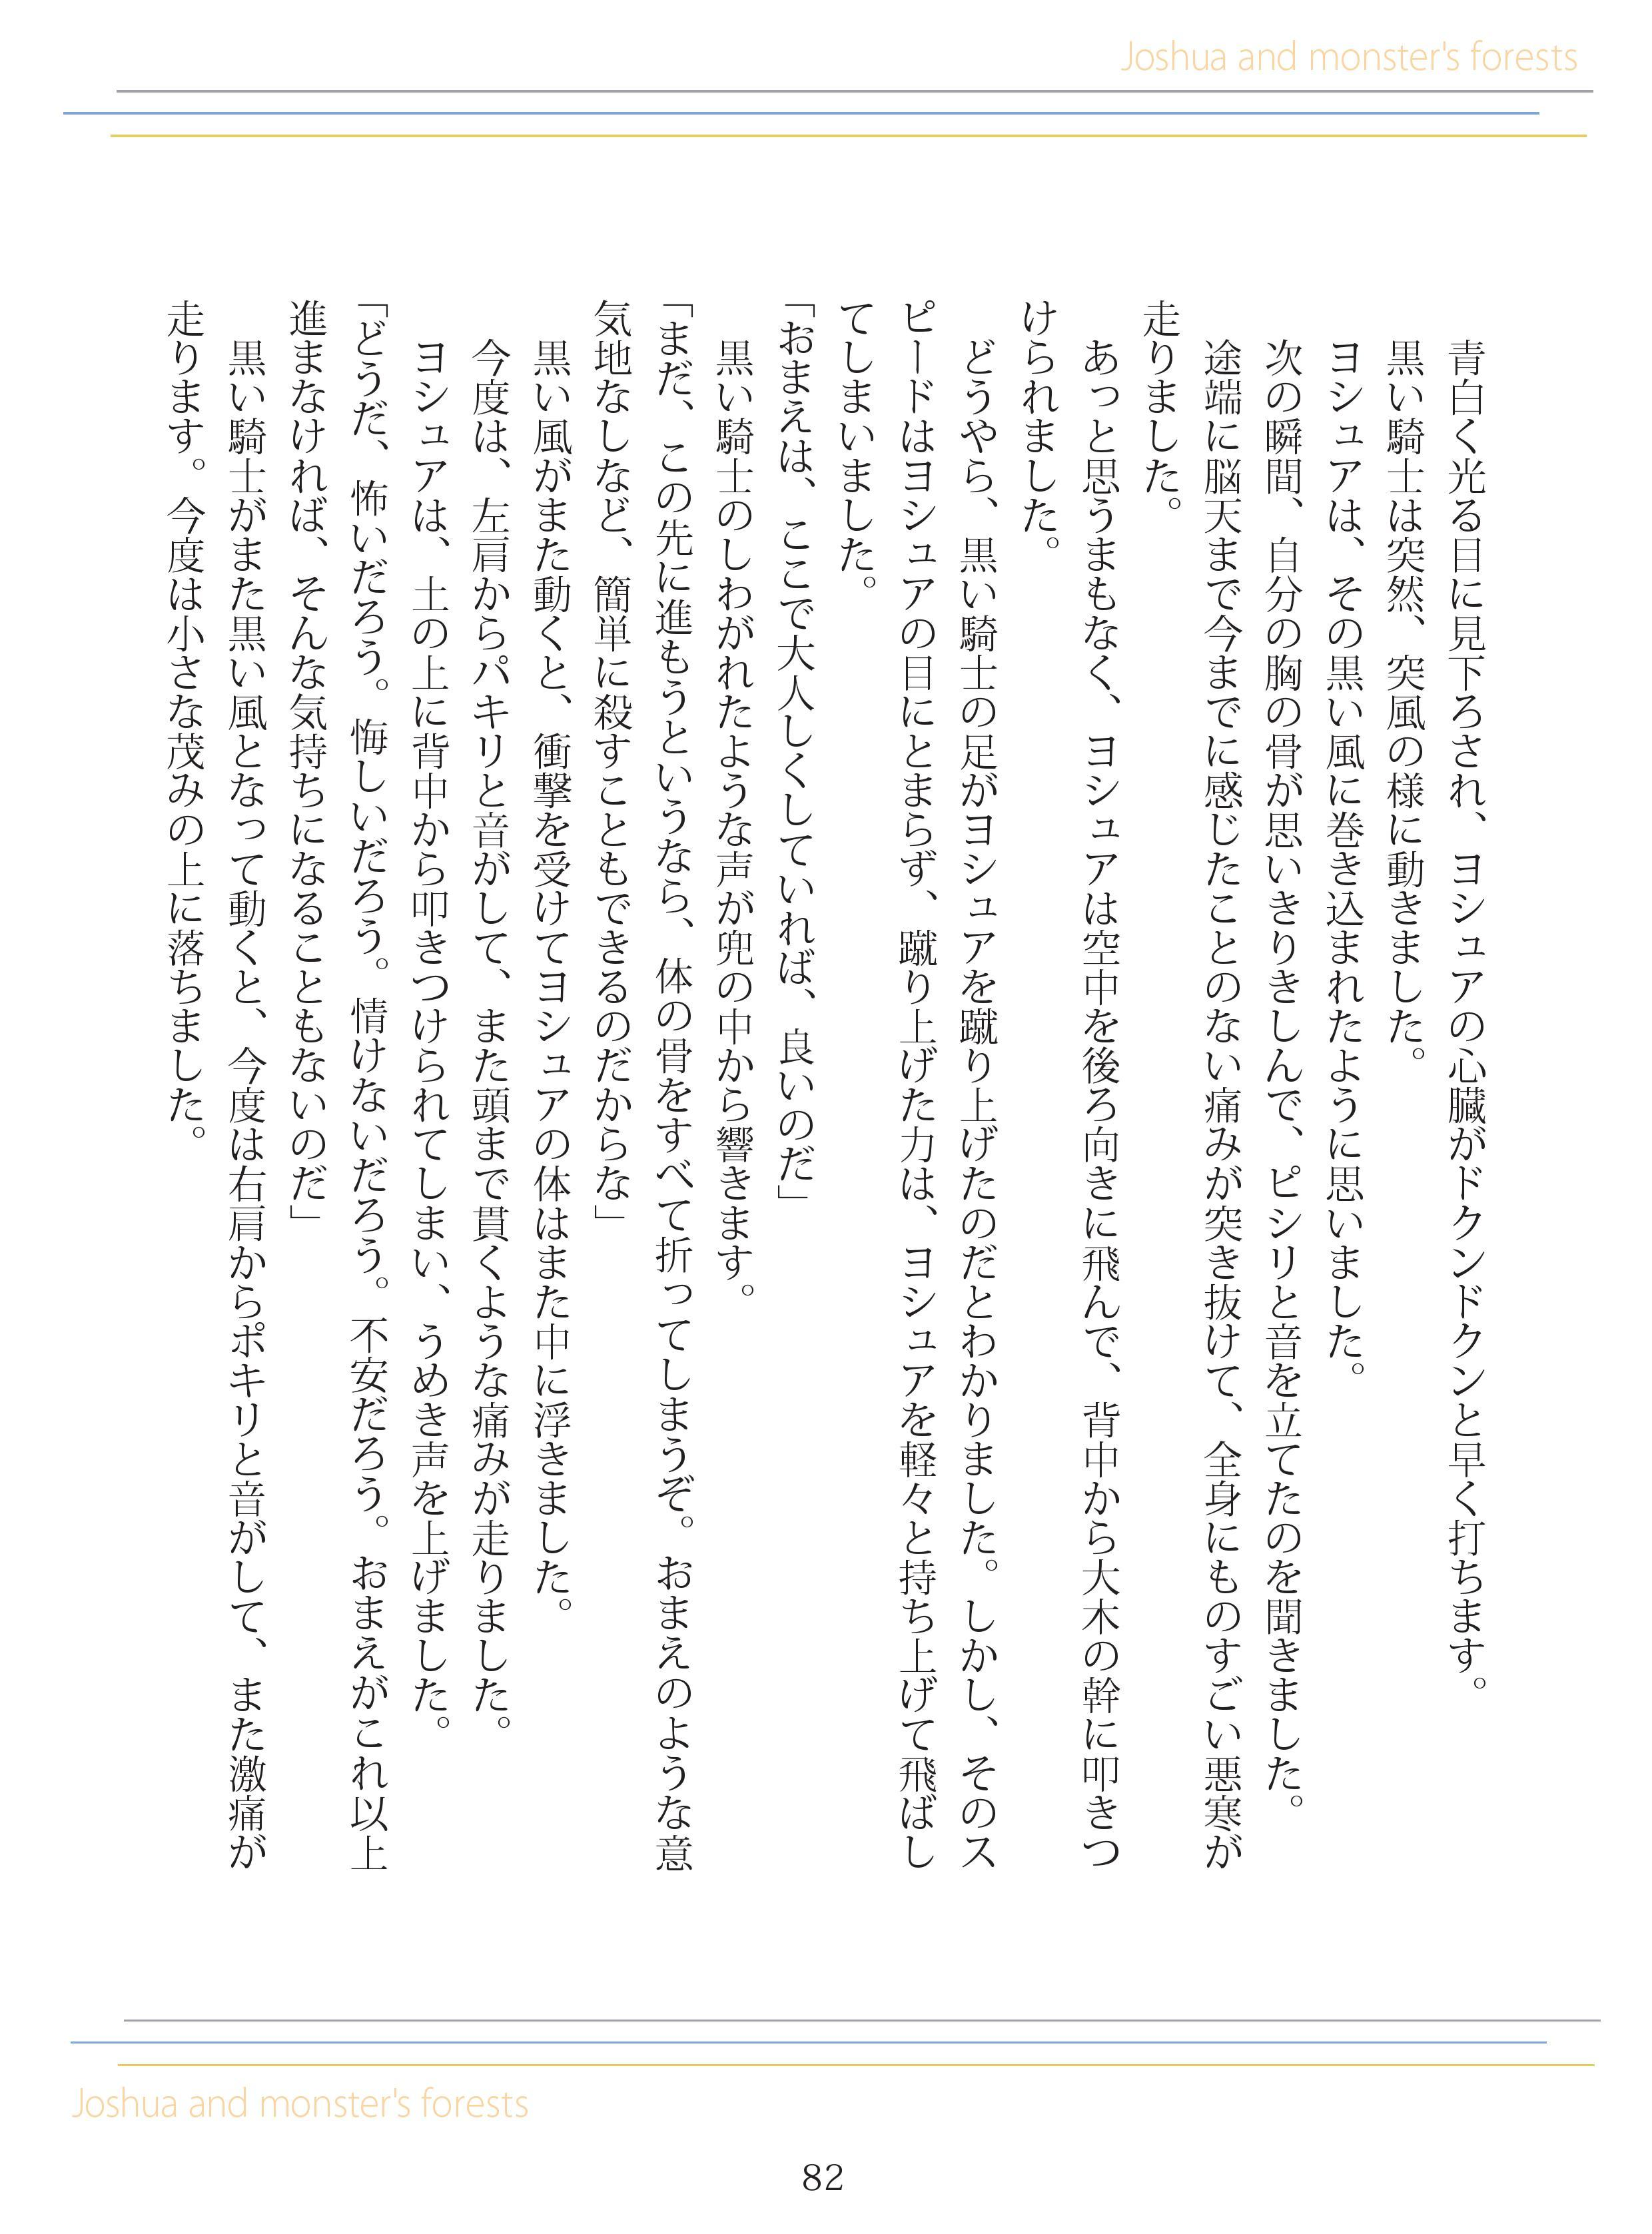 image_083